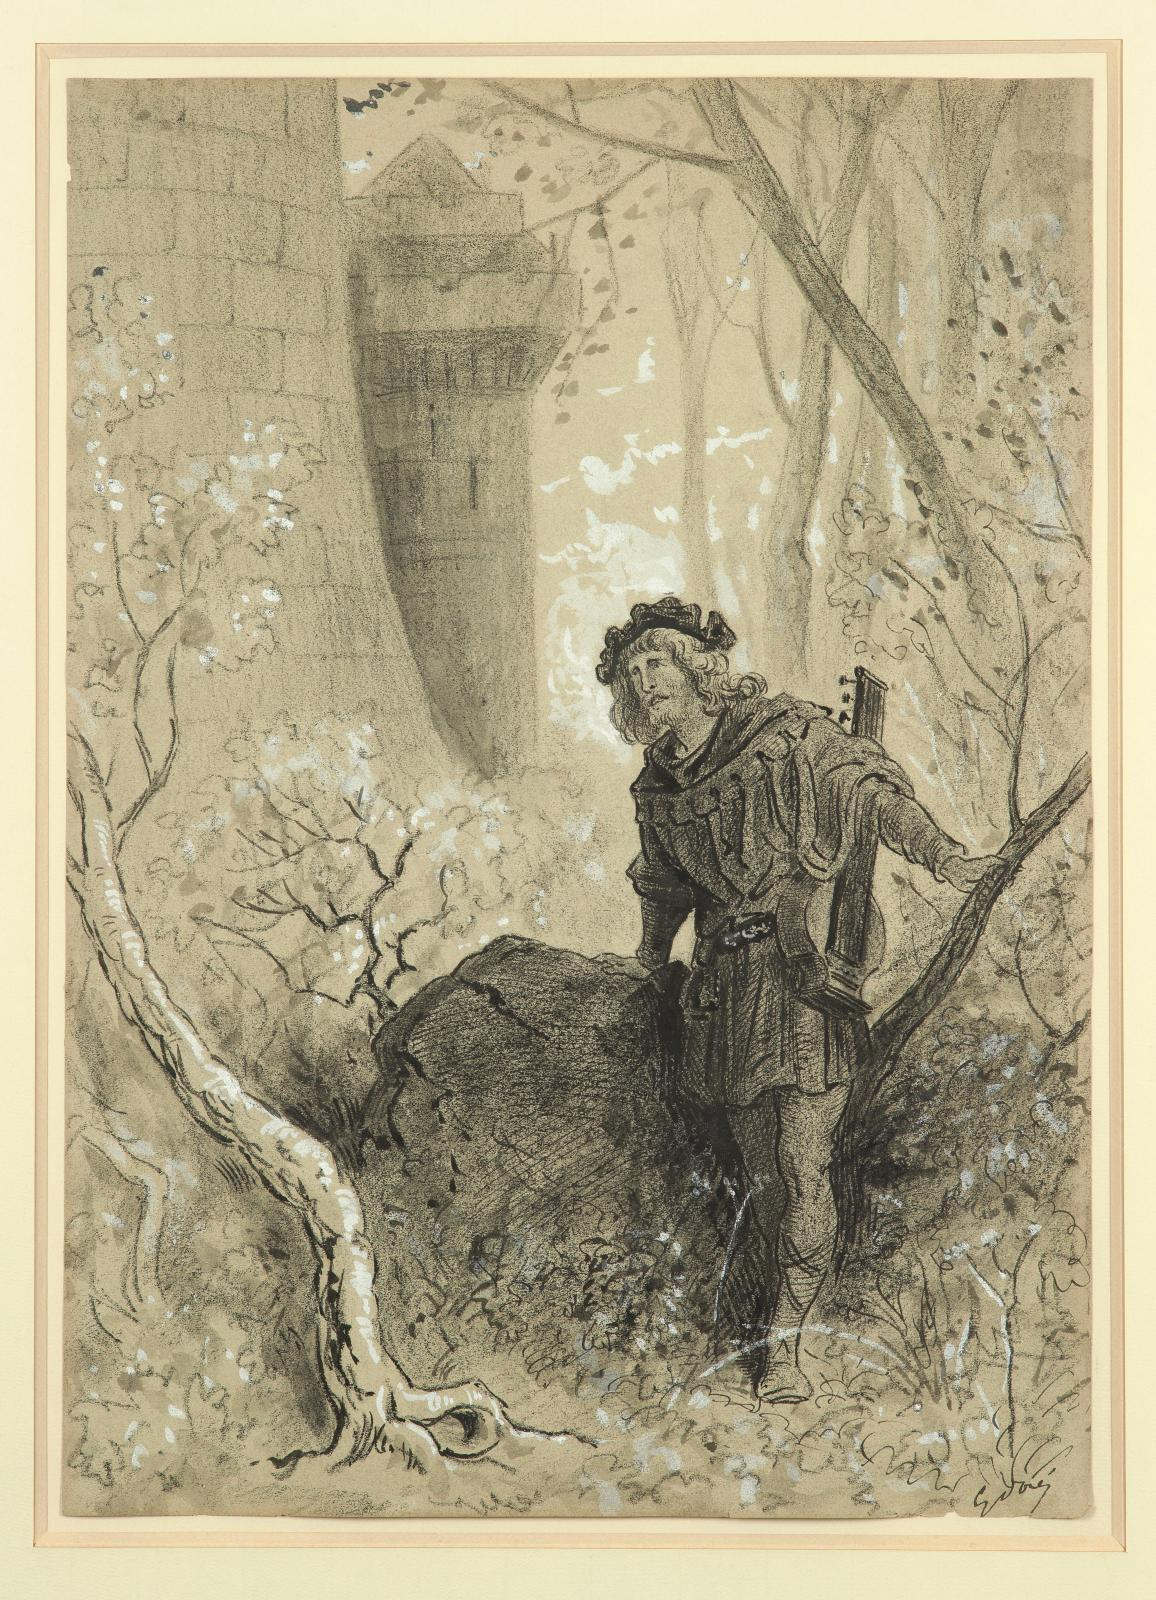 Gustave Doré (1832-1883), Le ménestrel Blondel de Nesle, dessin au crayon gras avec rehauts de blanc sur papier gris, 43,5x31cm. Paris,